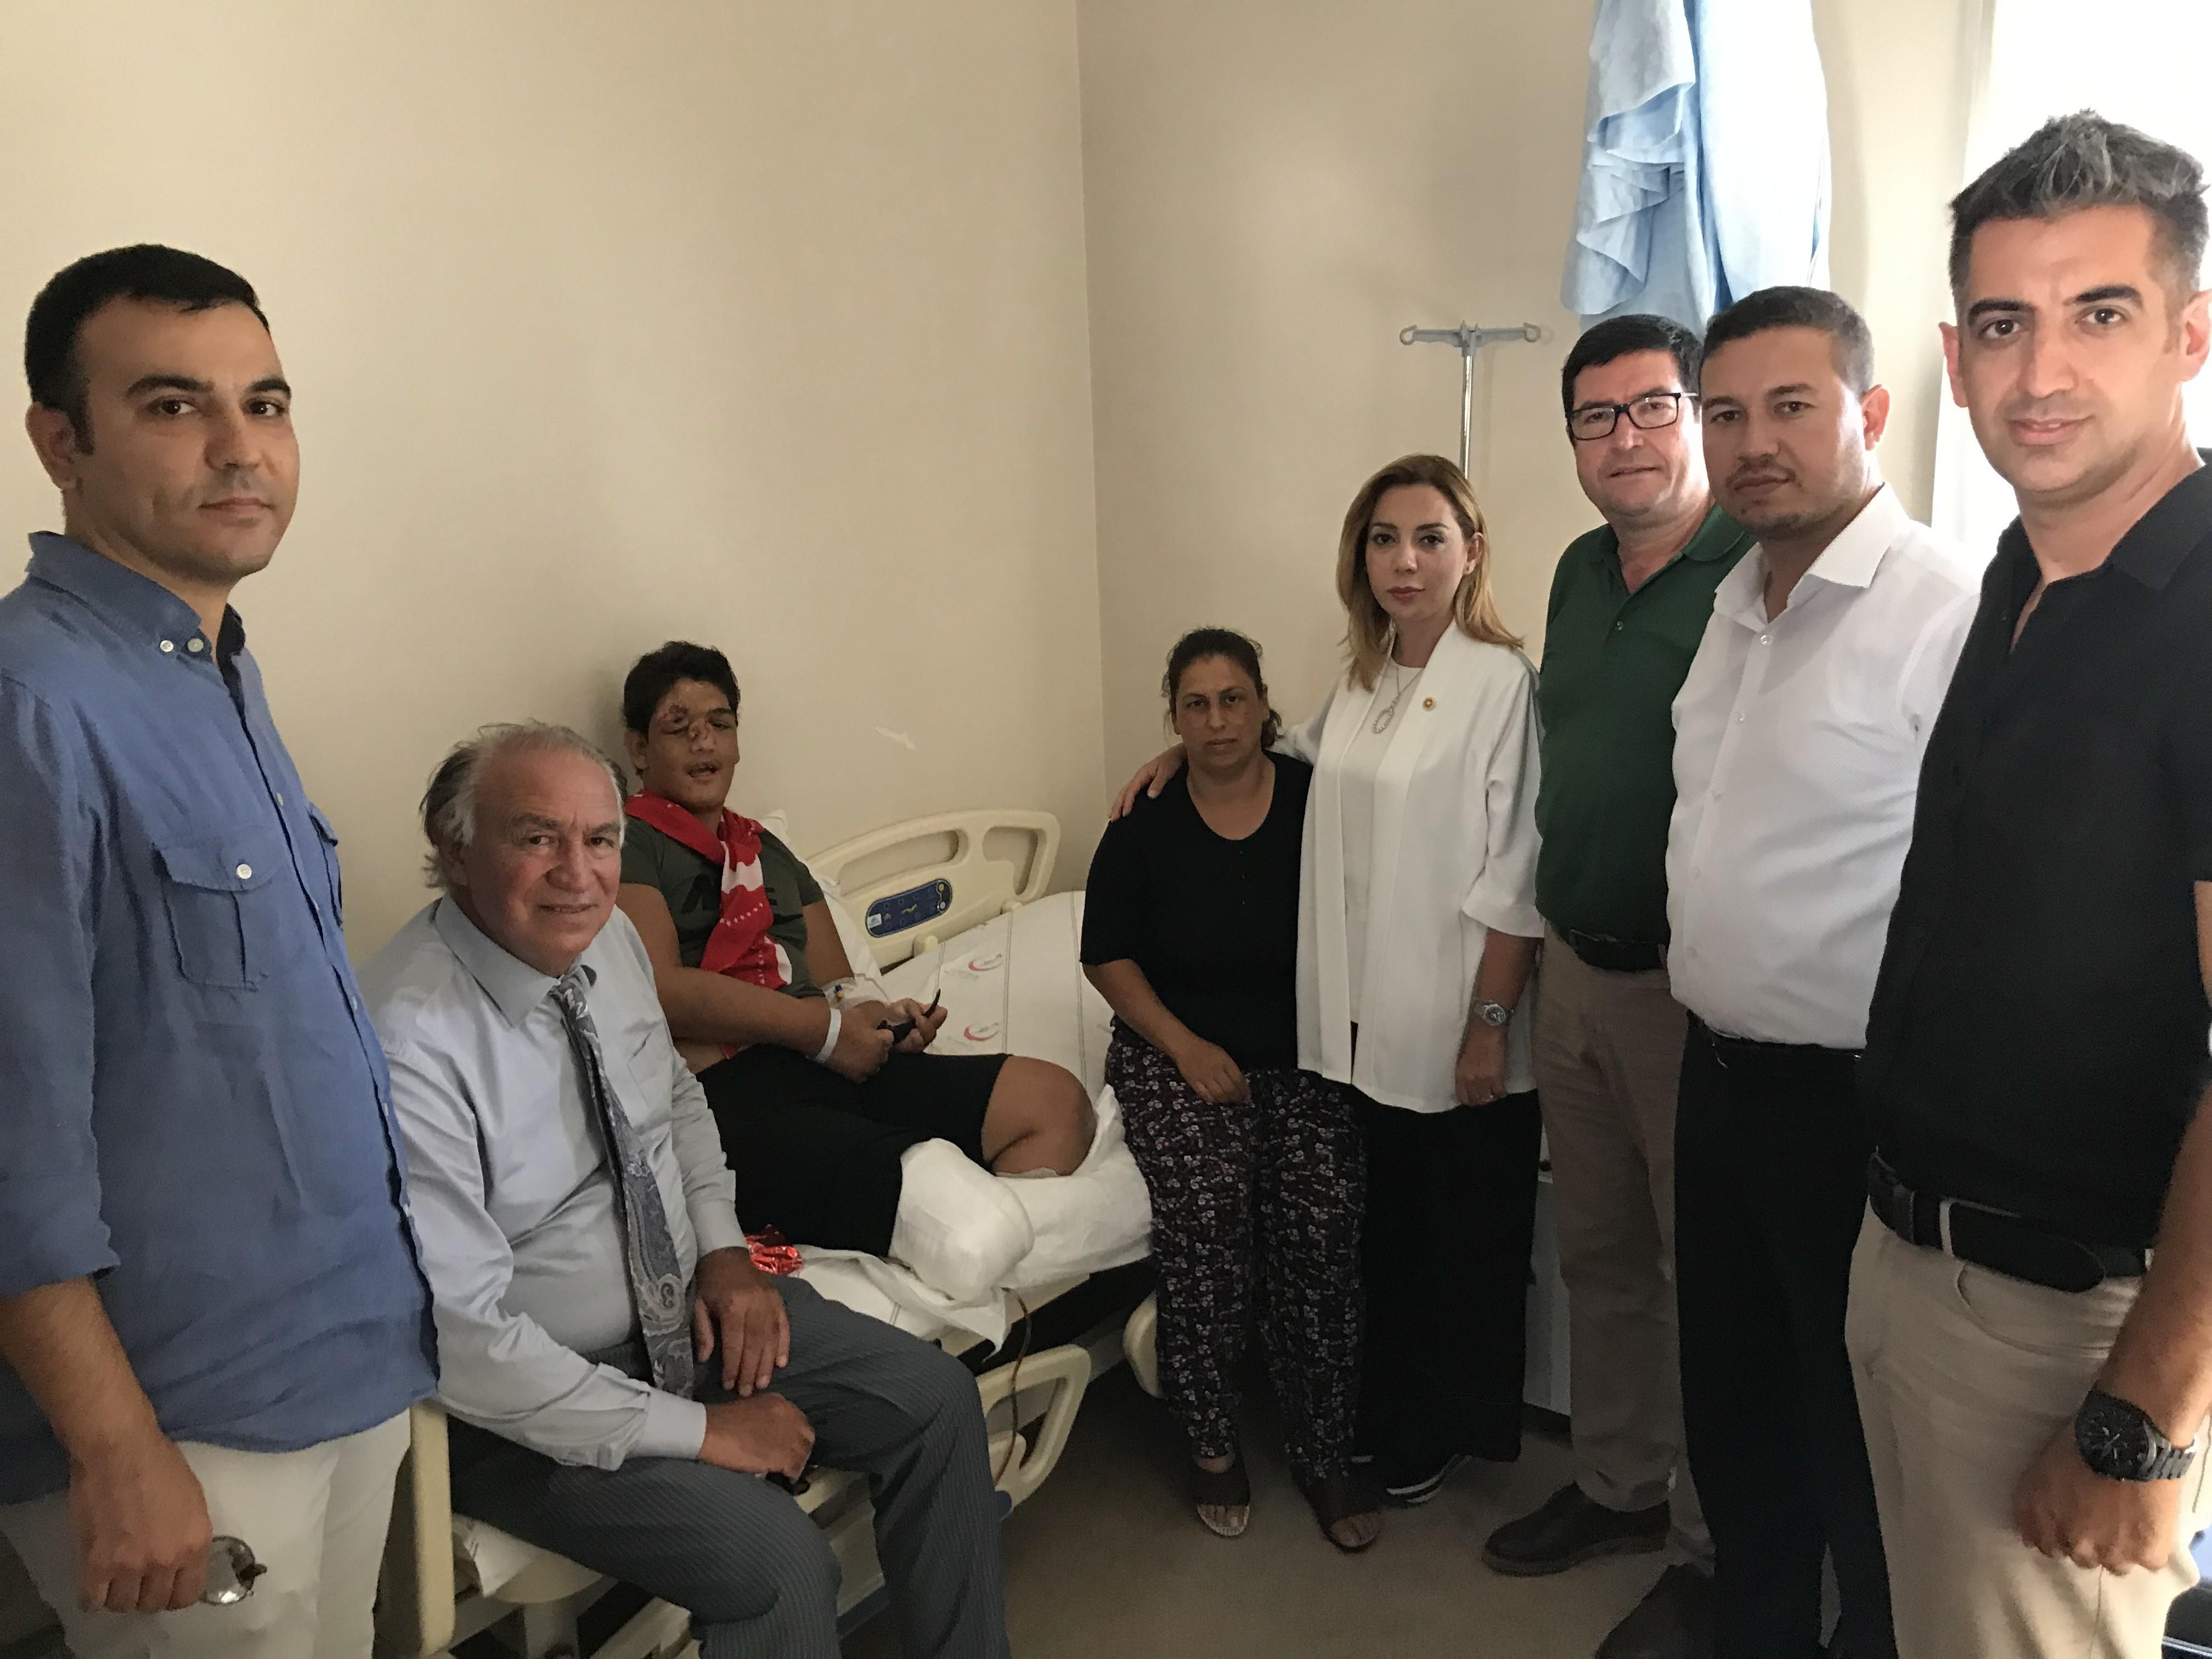 milas organize sanayi bölgesi MUĞLA'NIN İLK ORGANİZE SANAYİ BÖLGESİ MİLAS'TA HAYATA GEÇİYOR… Engelli gence ziyaret